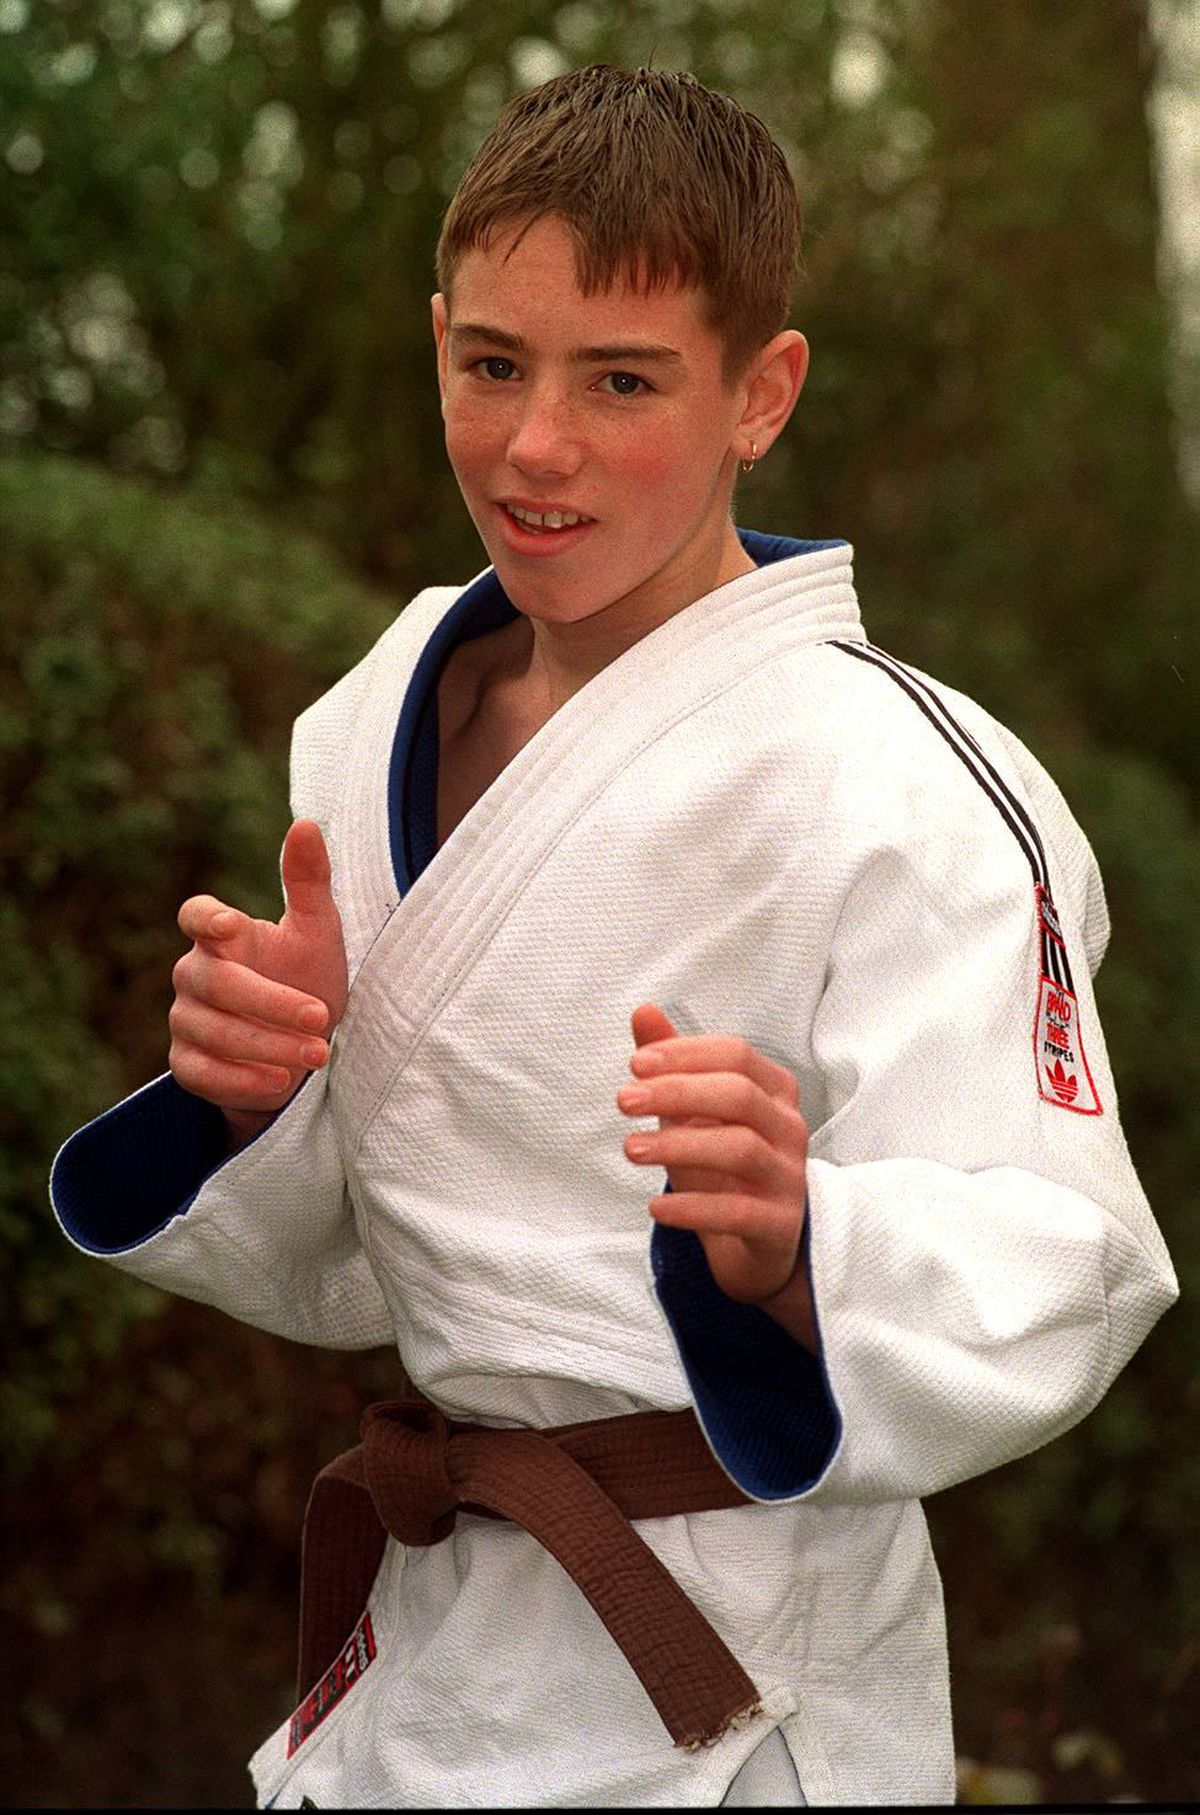 Craig Fallon at 14